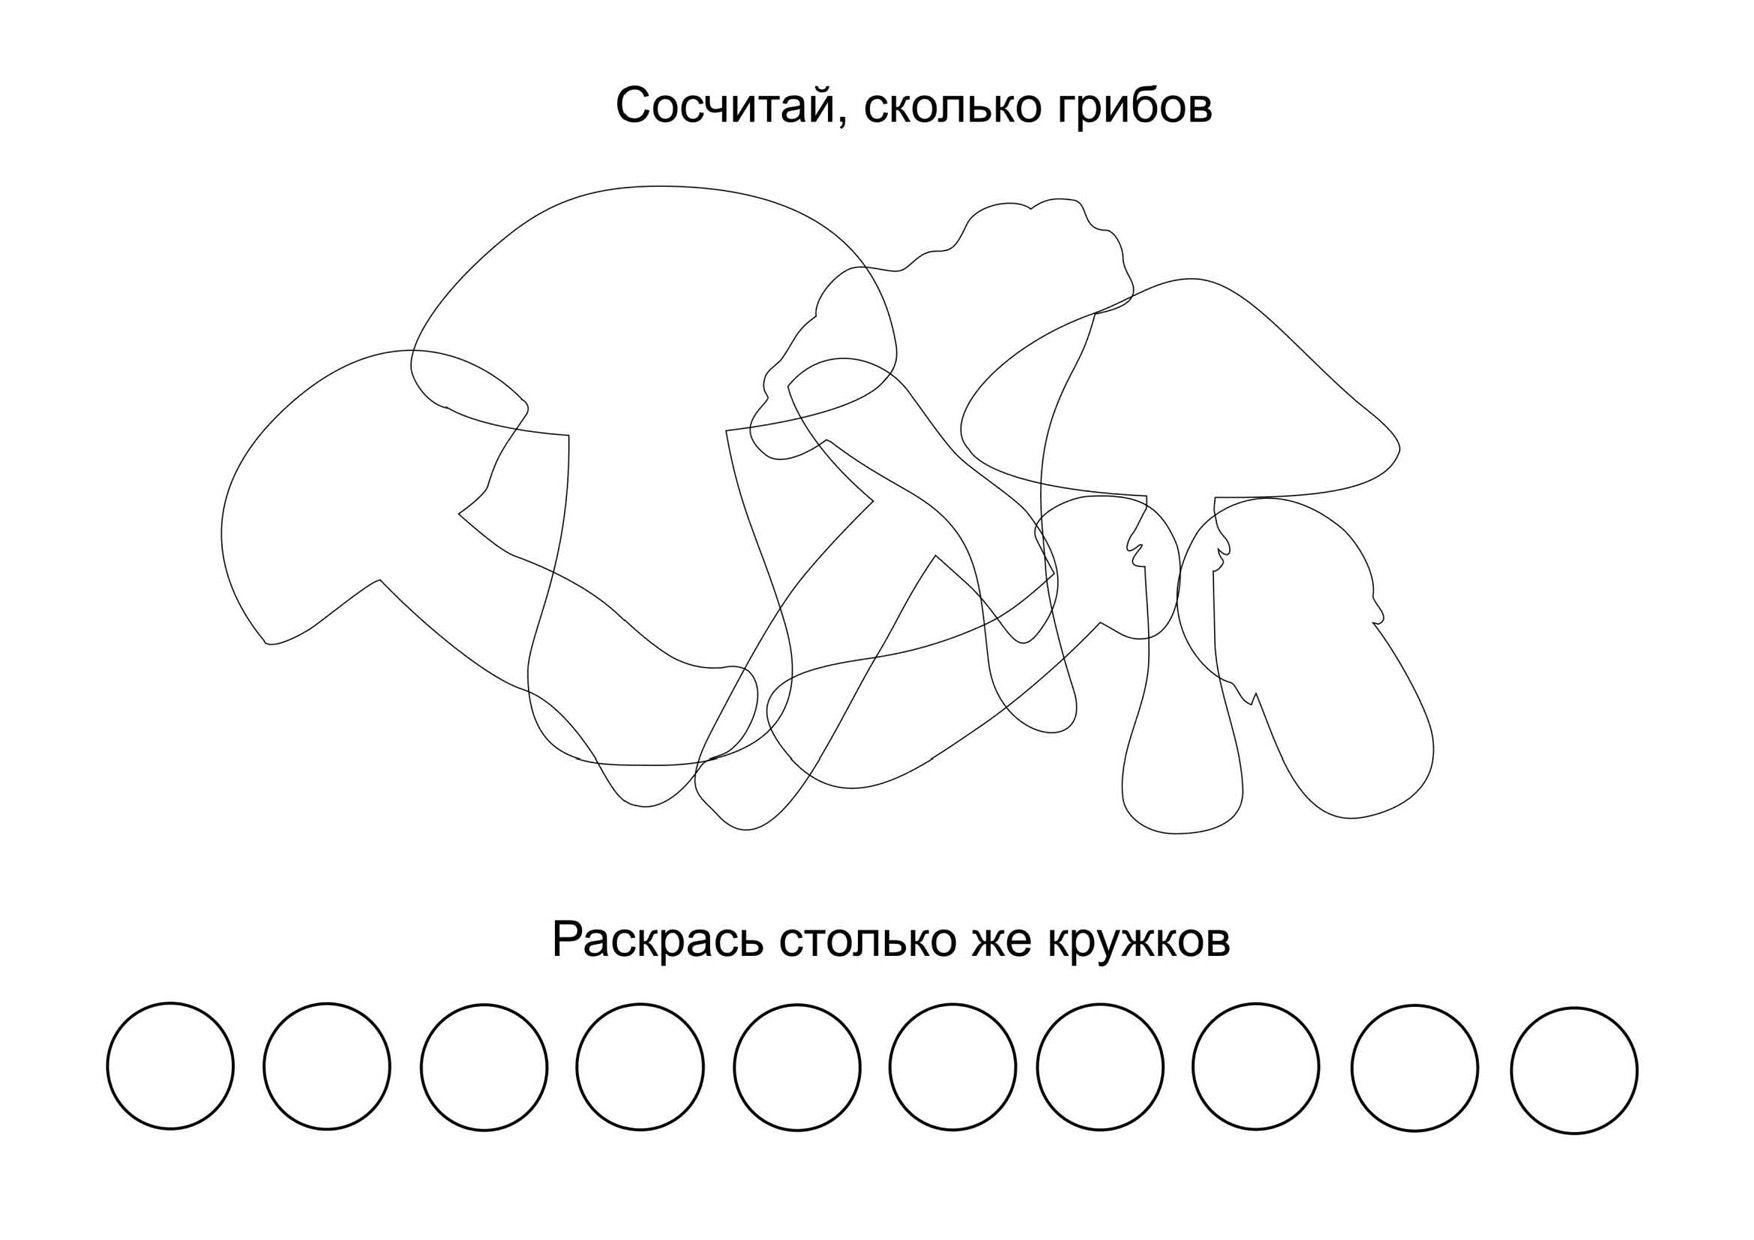 хотя животное задания про грибы в картинках правило парижане